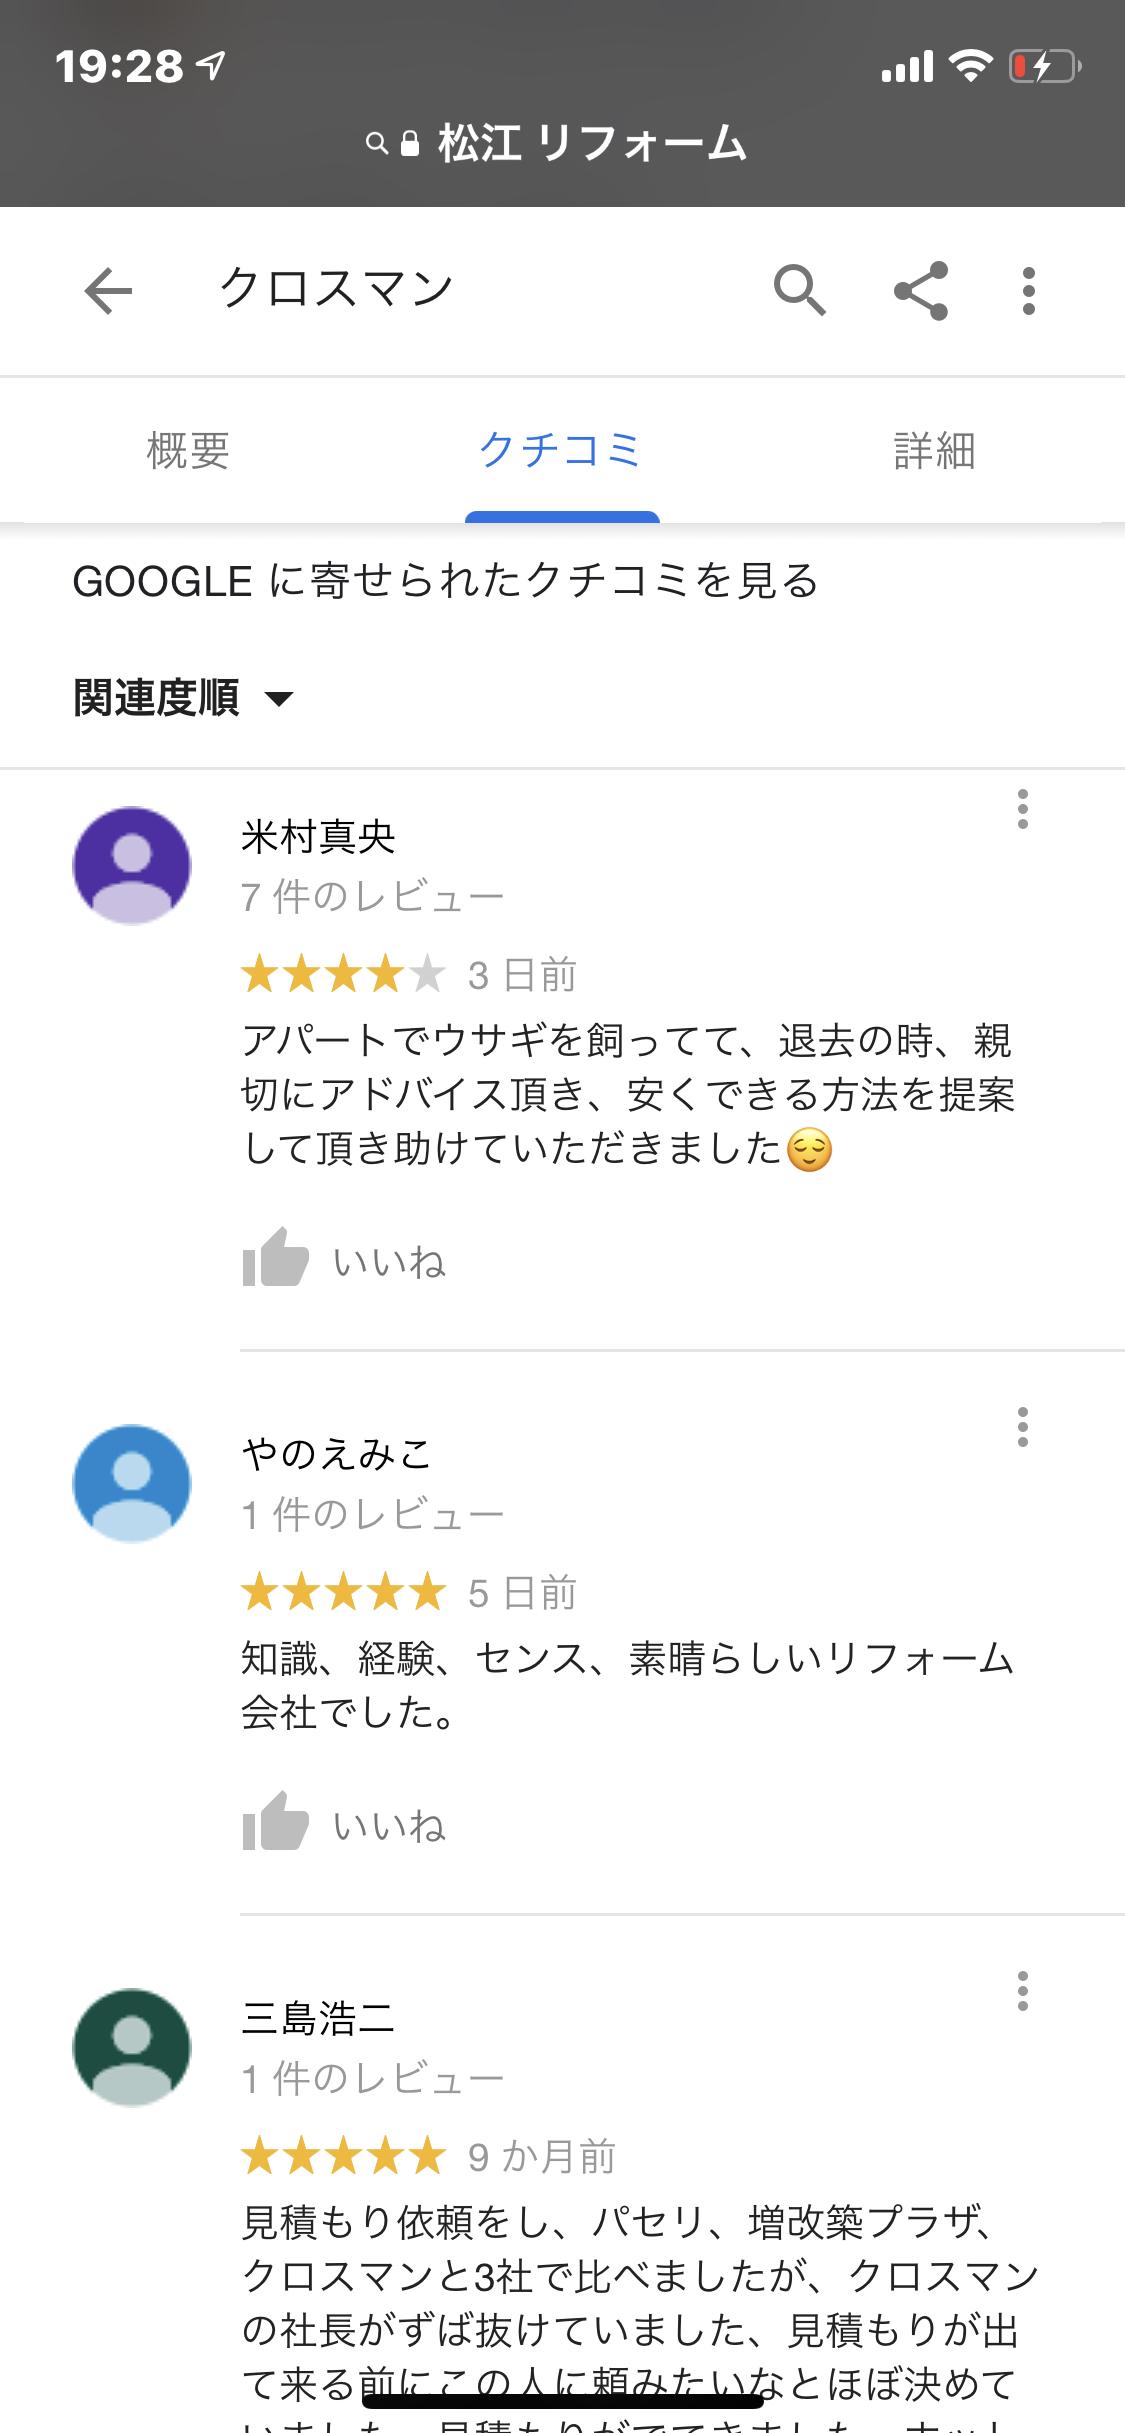 松江市 リフォーム 口コミ